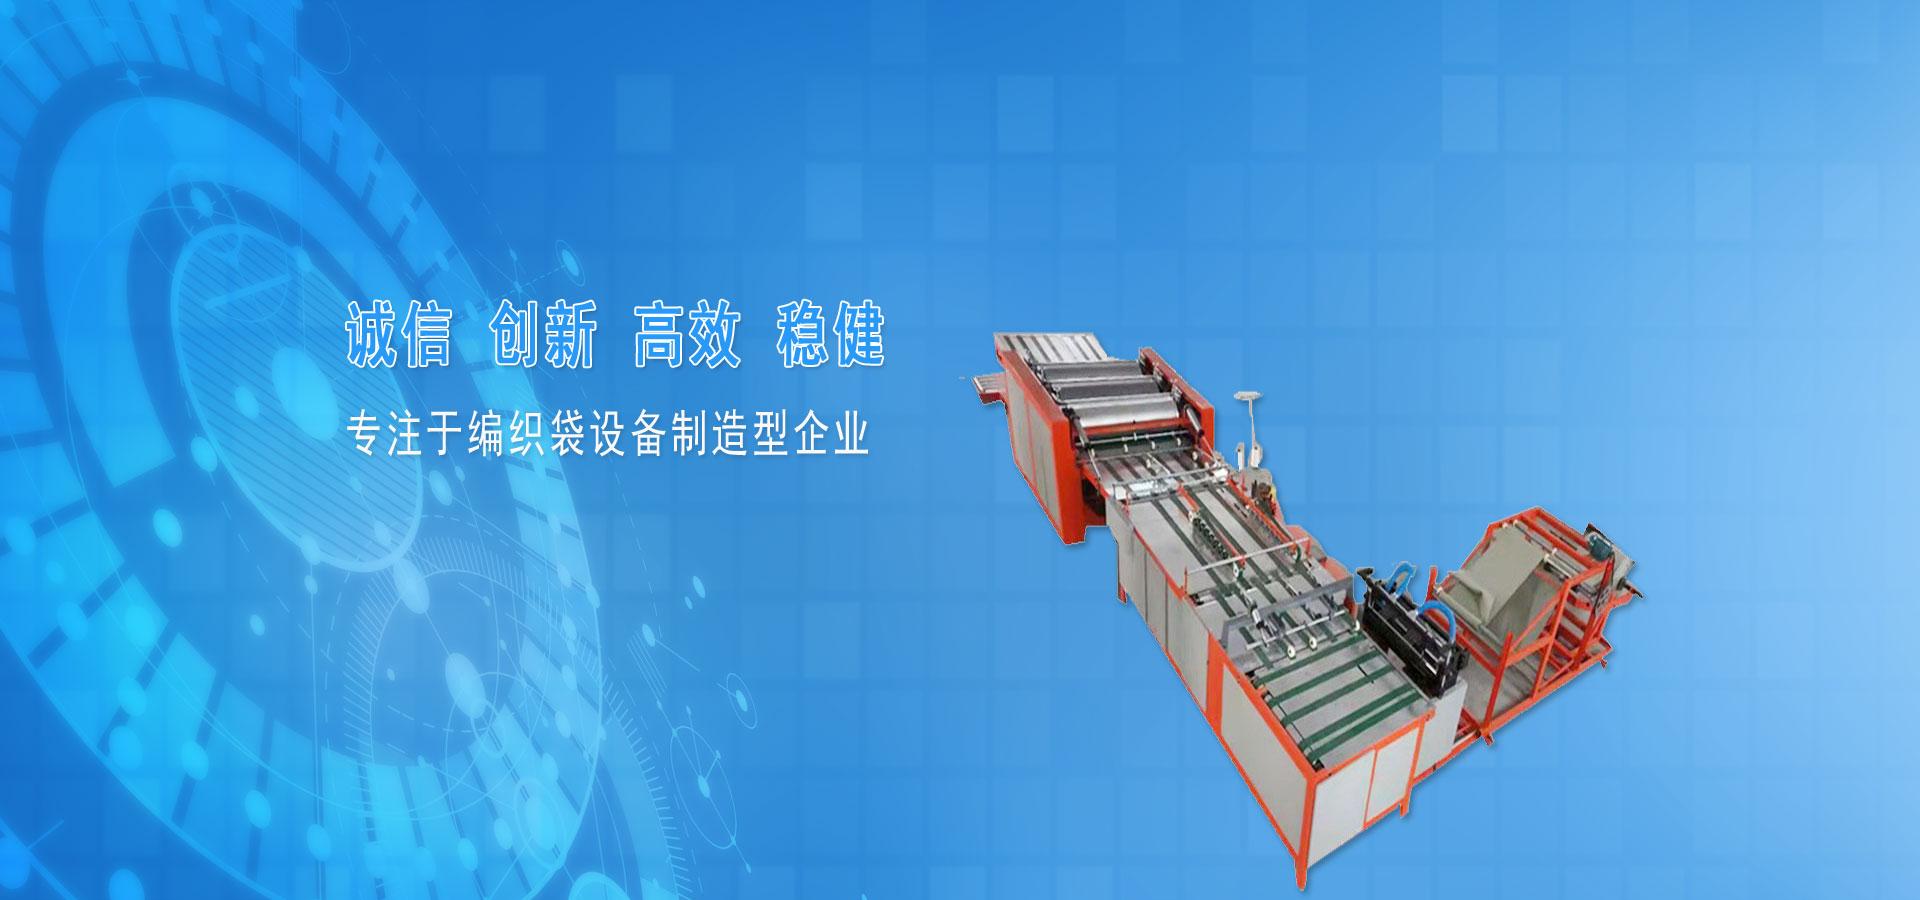 编织袋机械